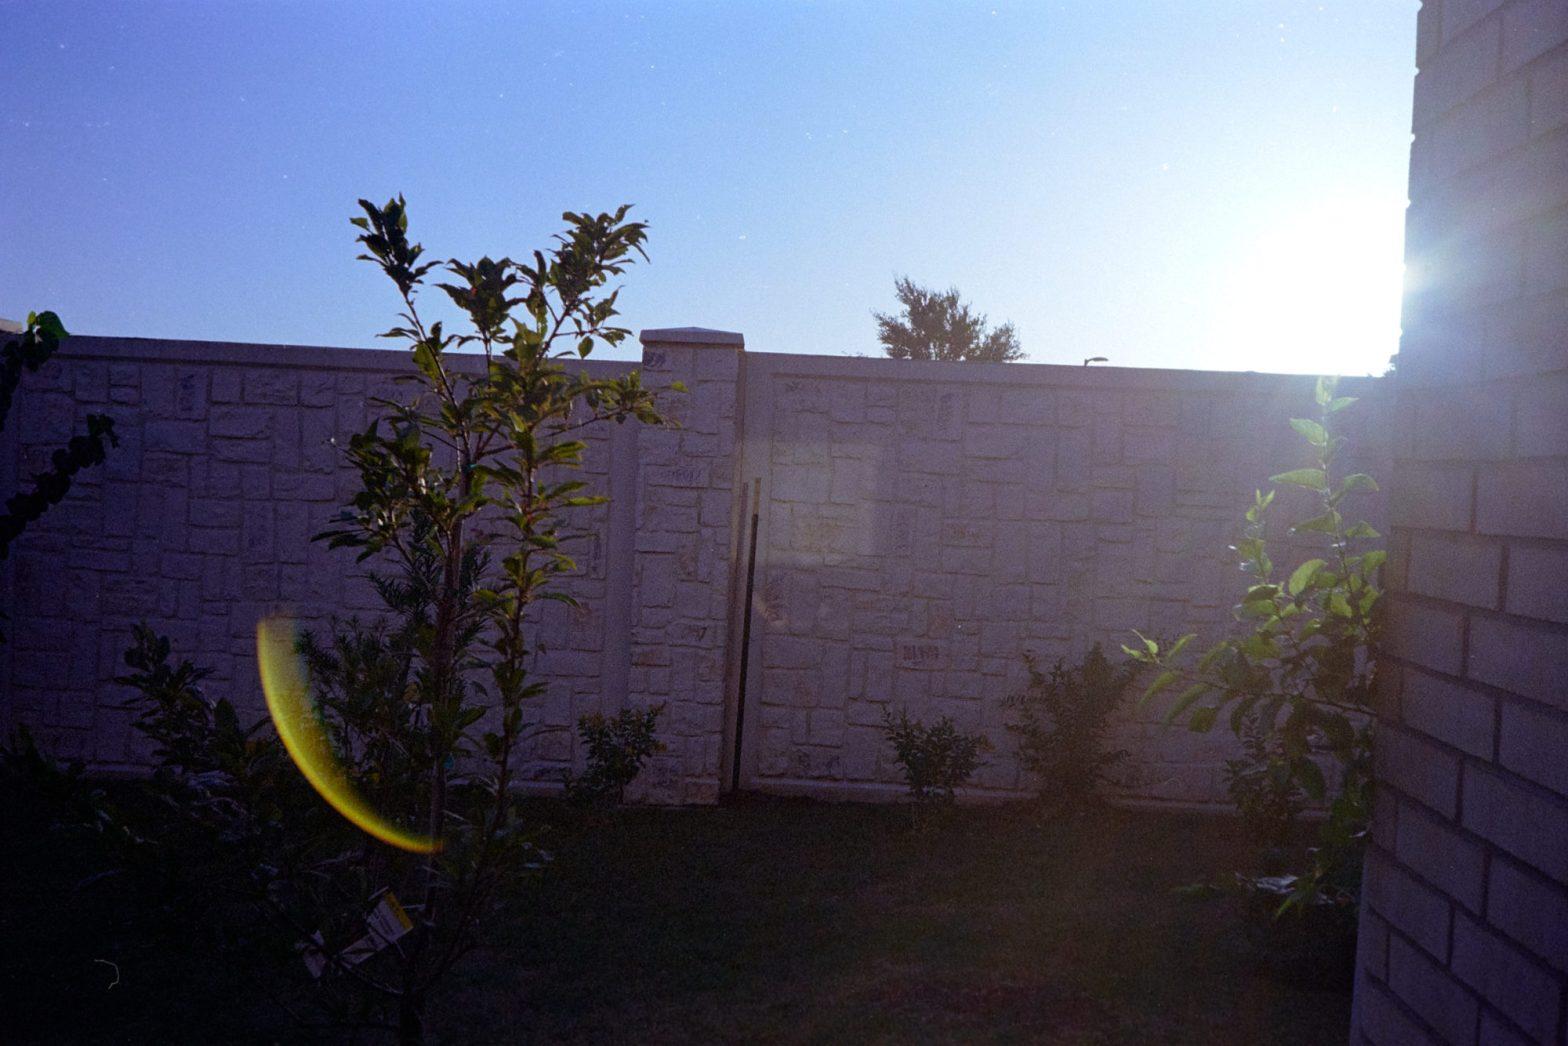 Scenes-from-the-Garden-8